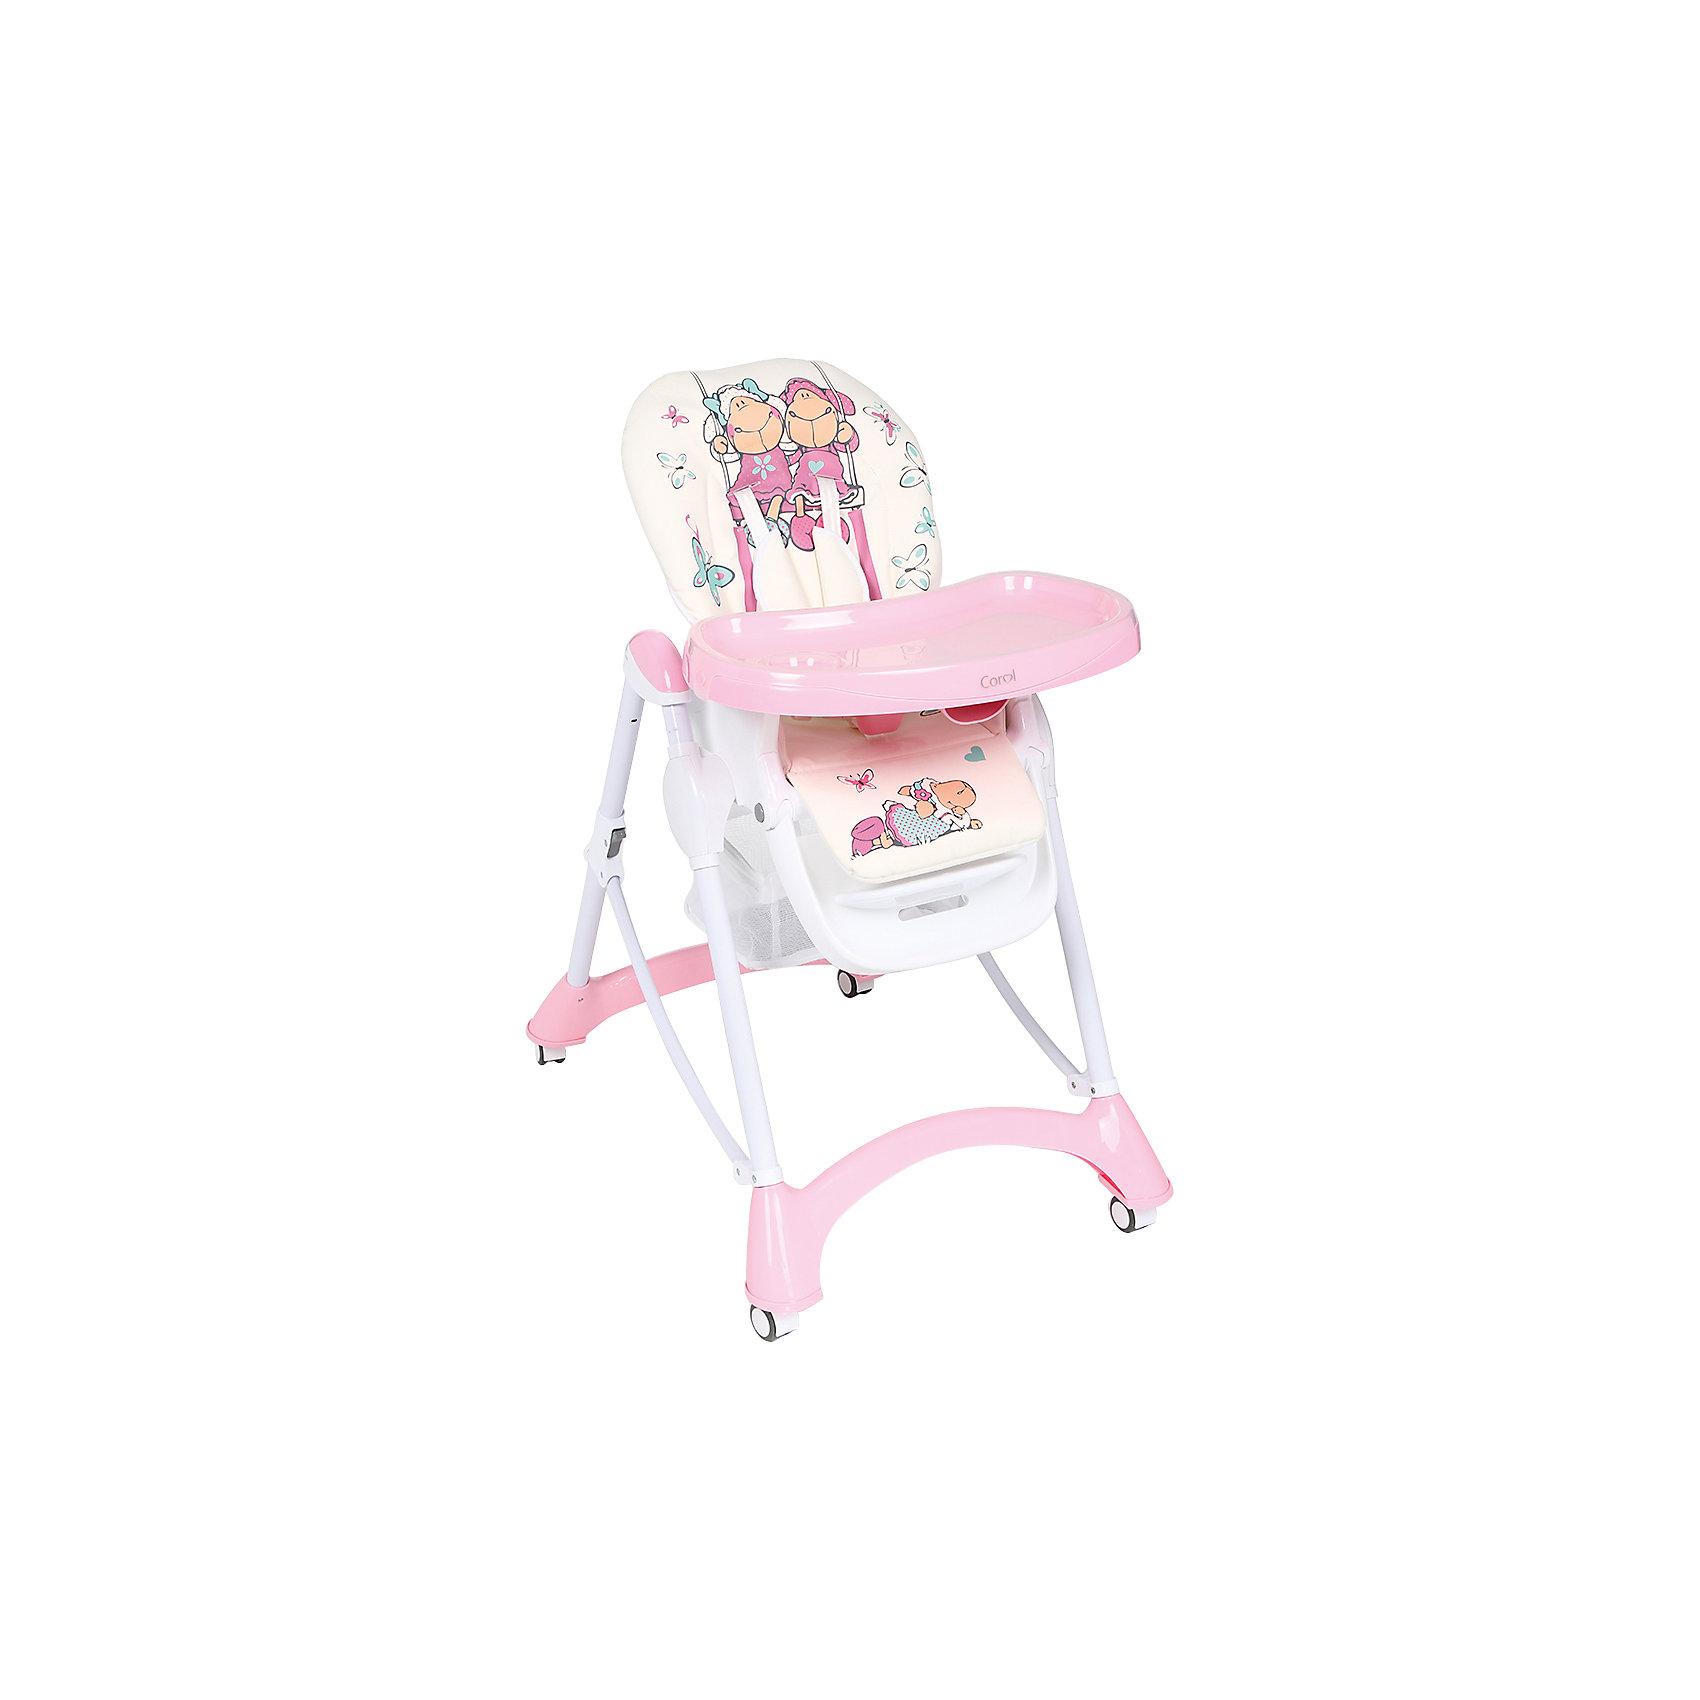 Стульчик для кормления, Corol, розовый/белый ОВЕЧКИ